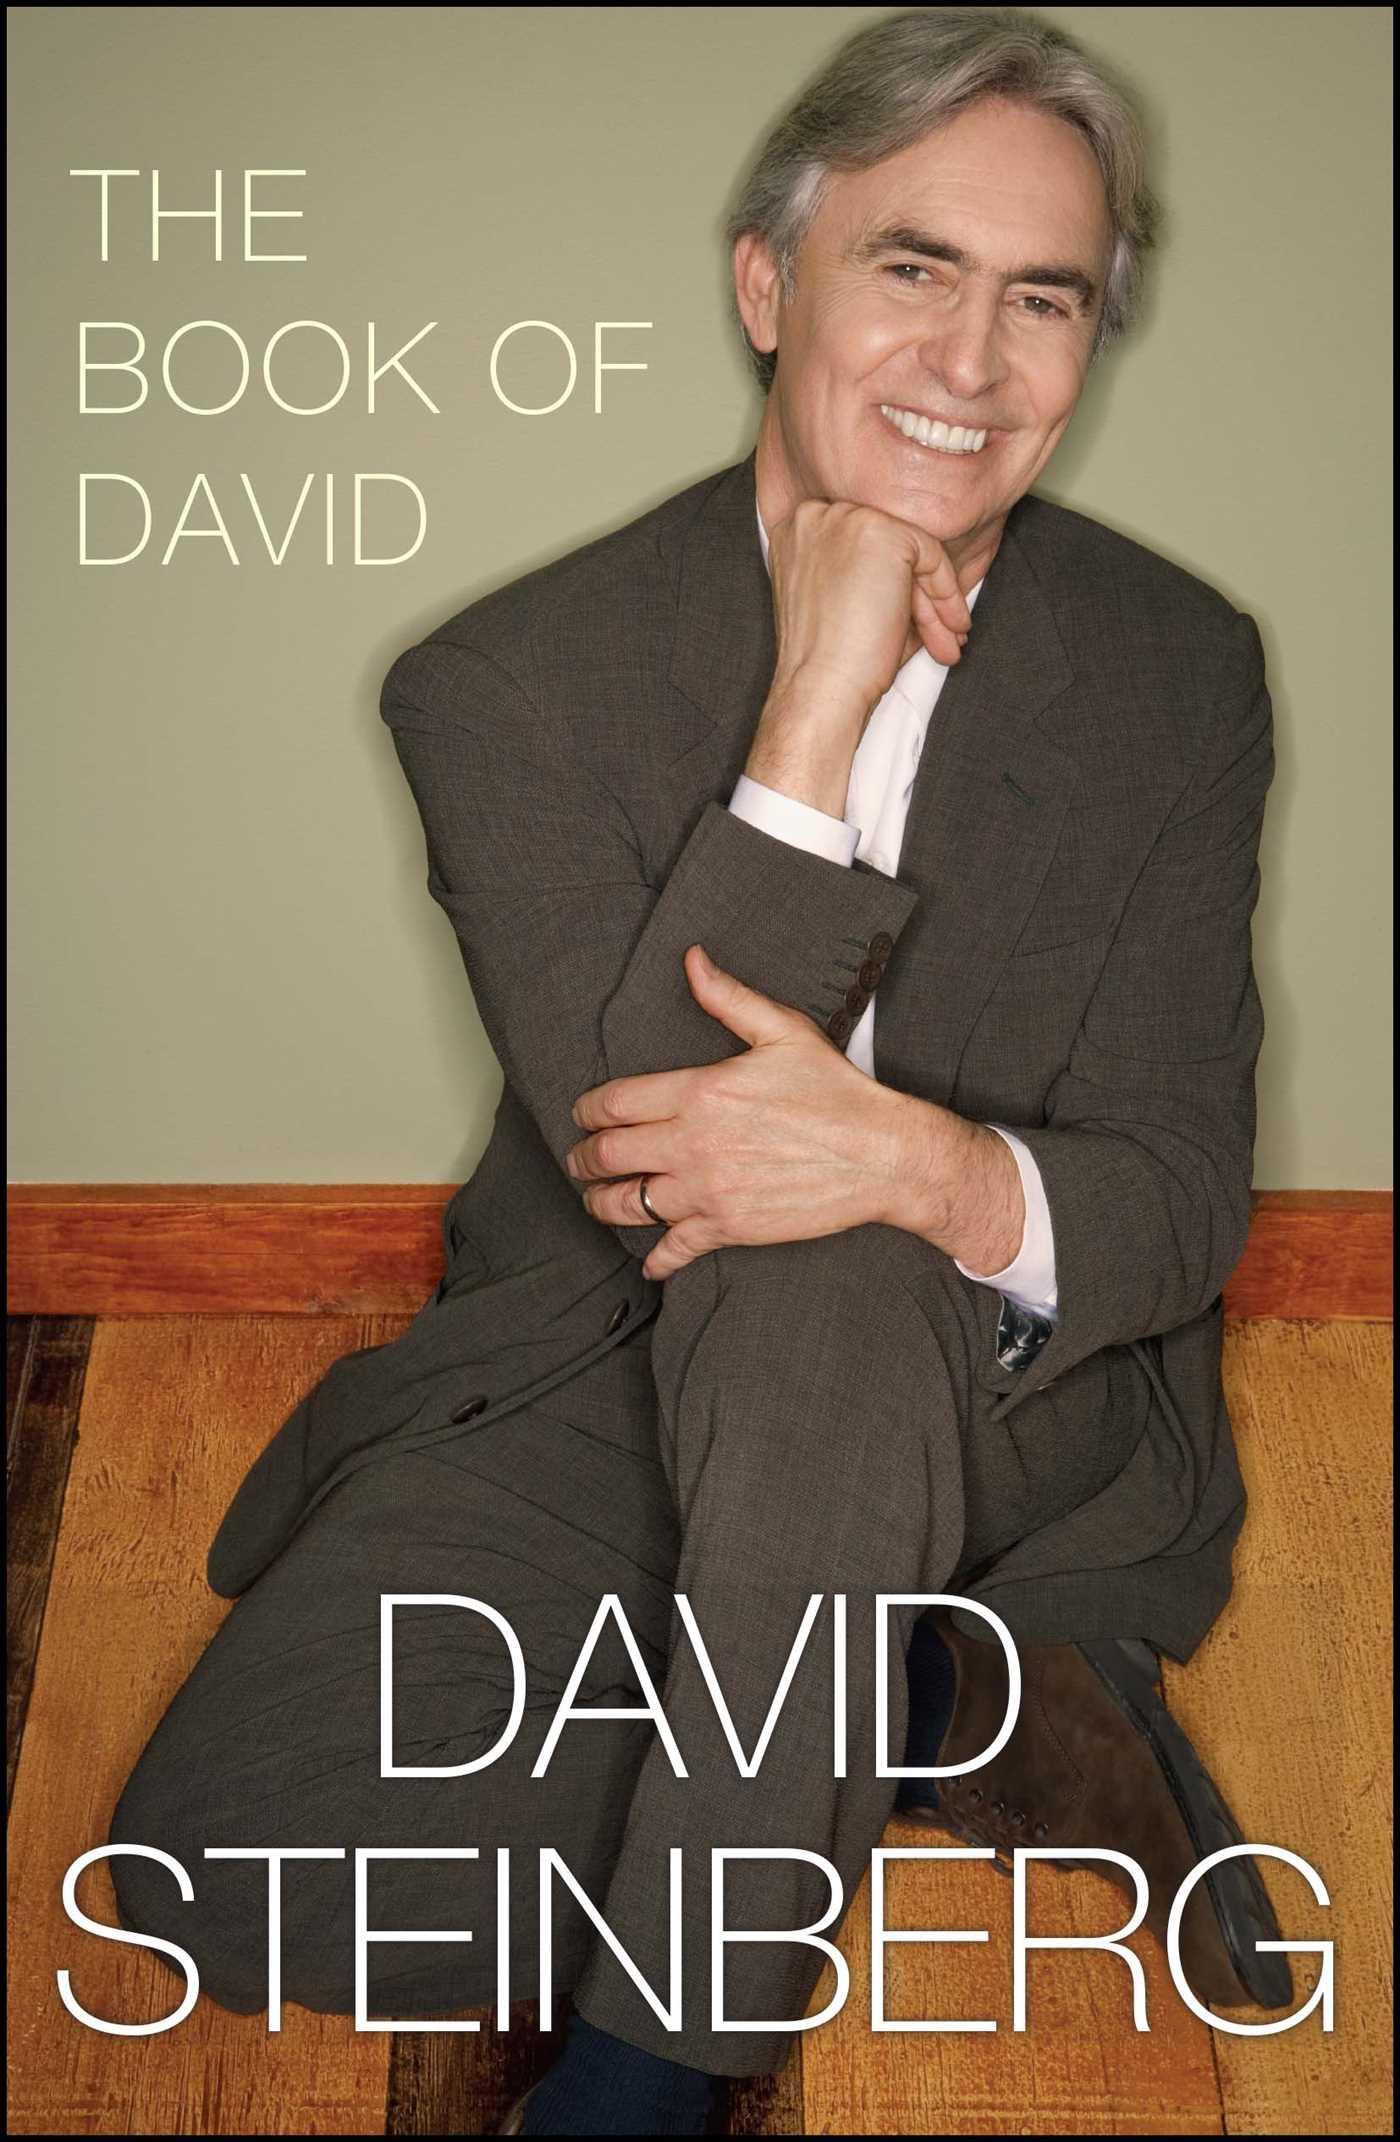 Book of david 9780743272339 hr